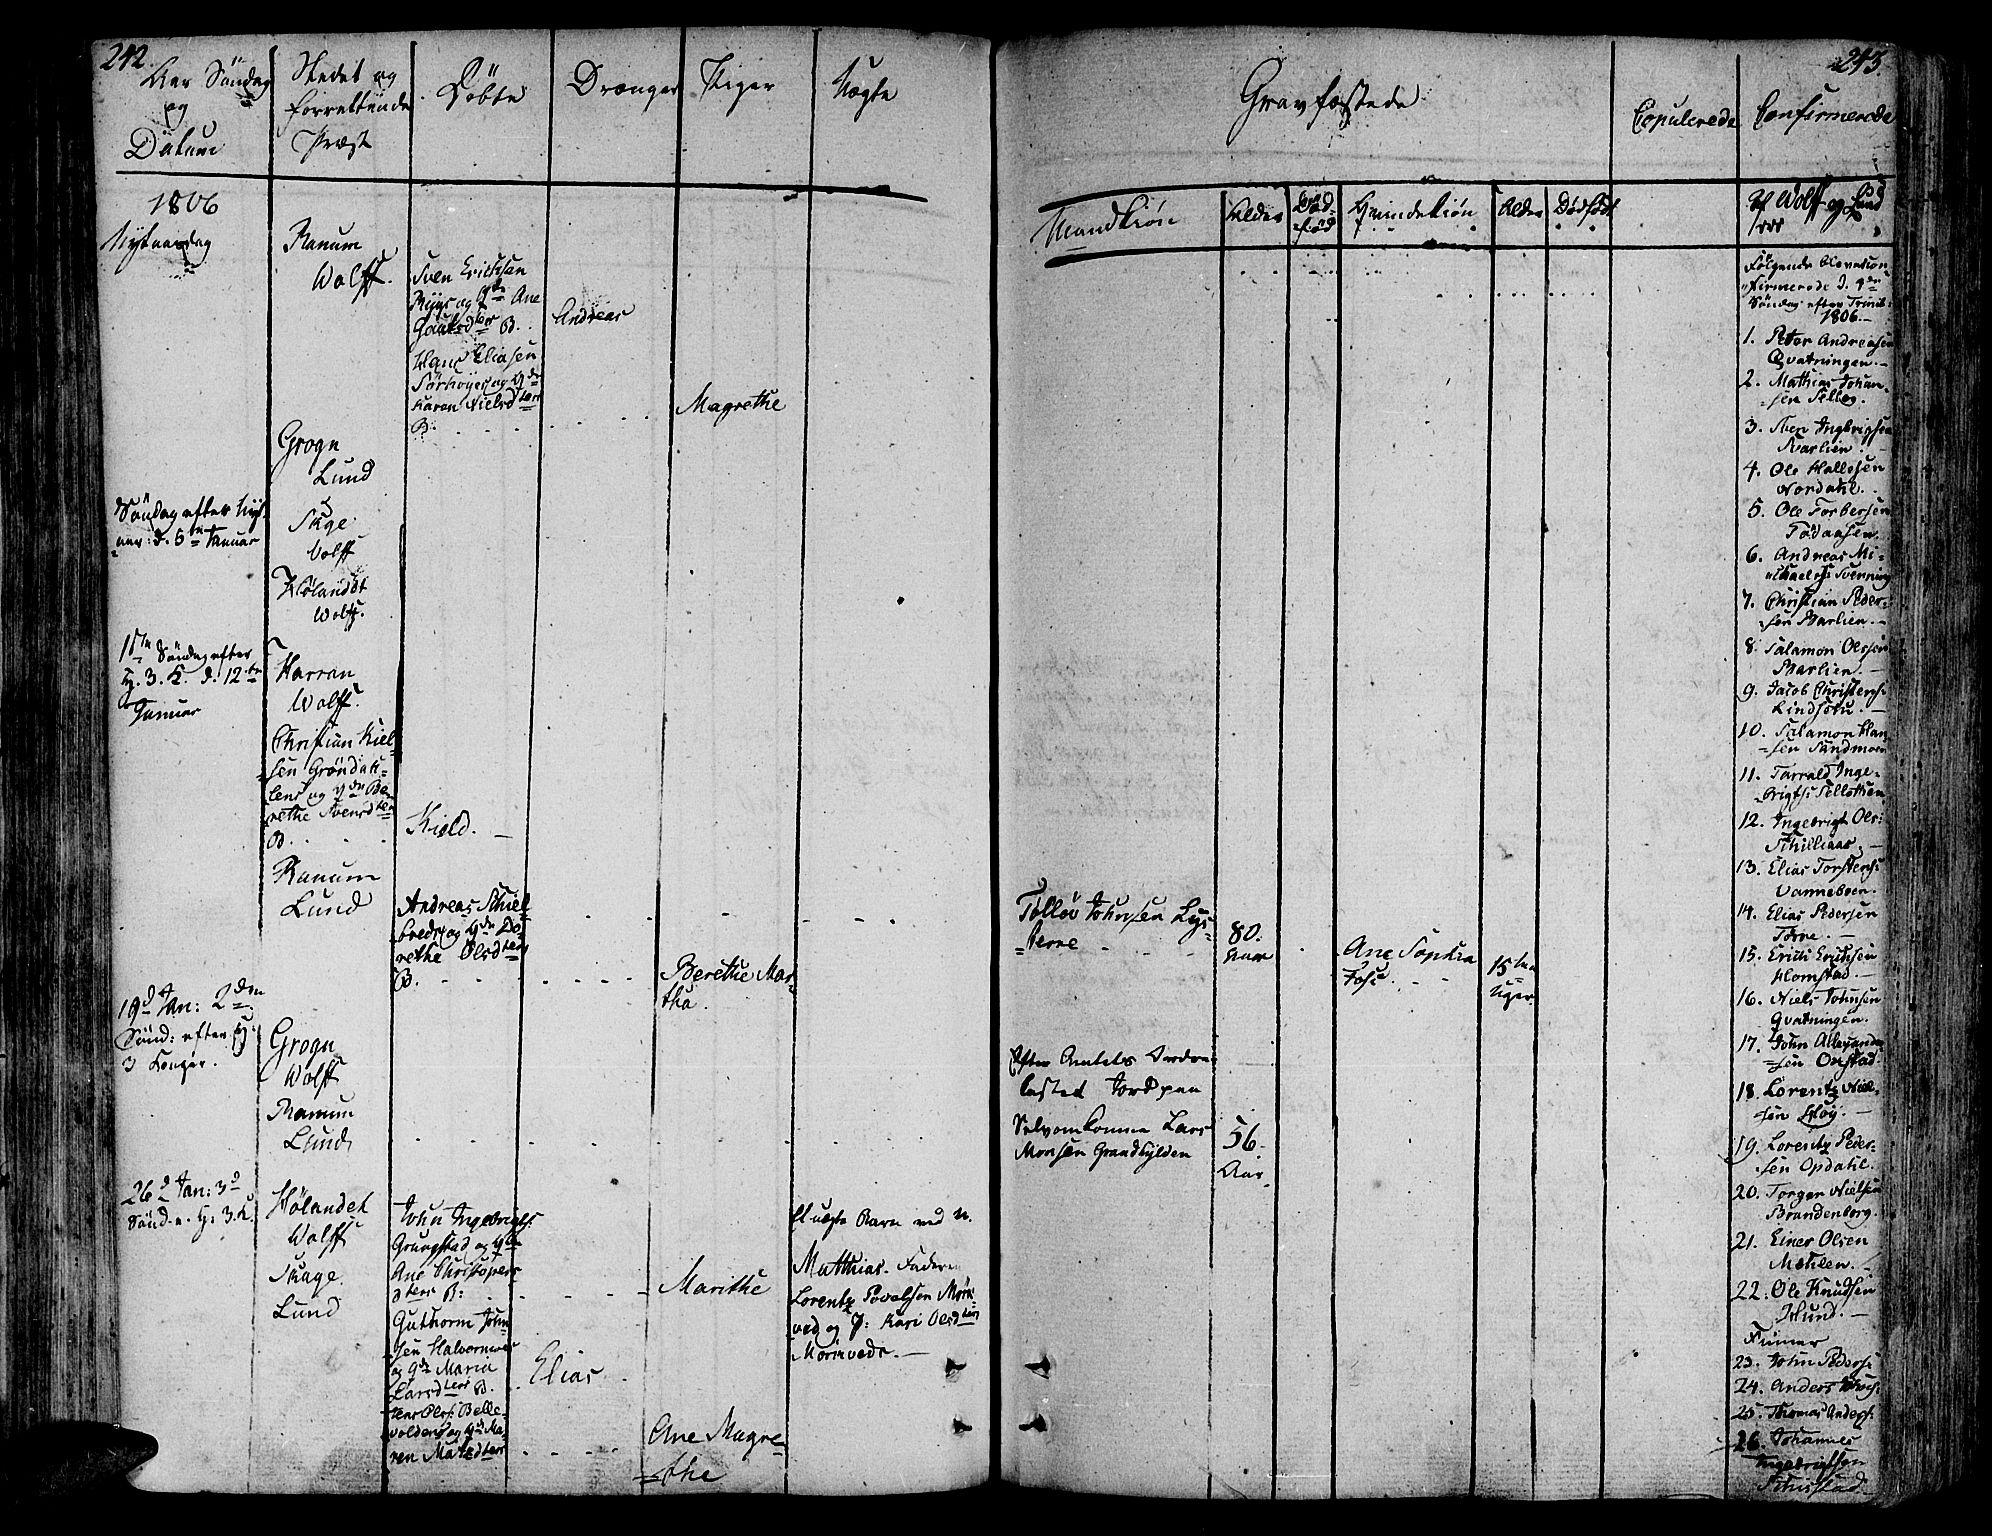 SAT, Ministerialprotokoller, klokkerbøker og fødselsregistre - Nord-Trøndelag, 764/L0545: Ministerialbok nr. 764A05, 1799-1816, s. 242-243